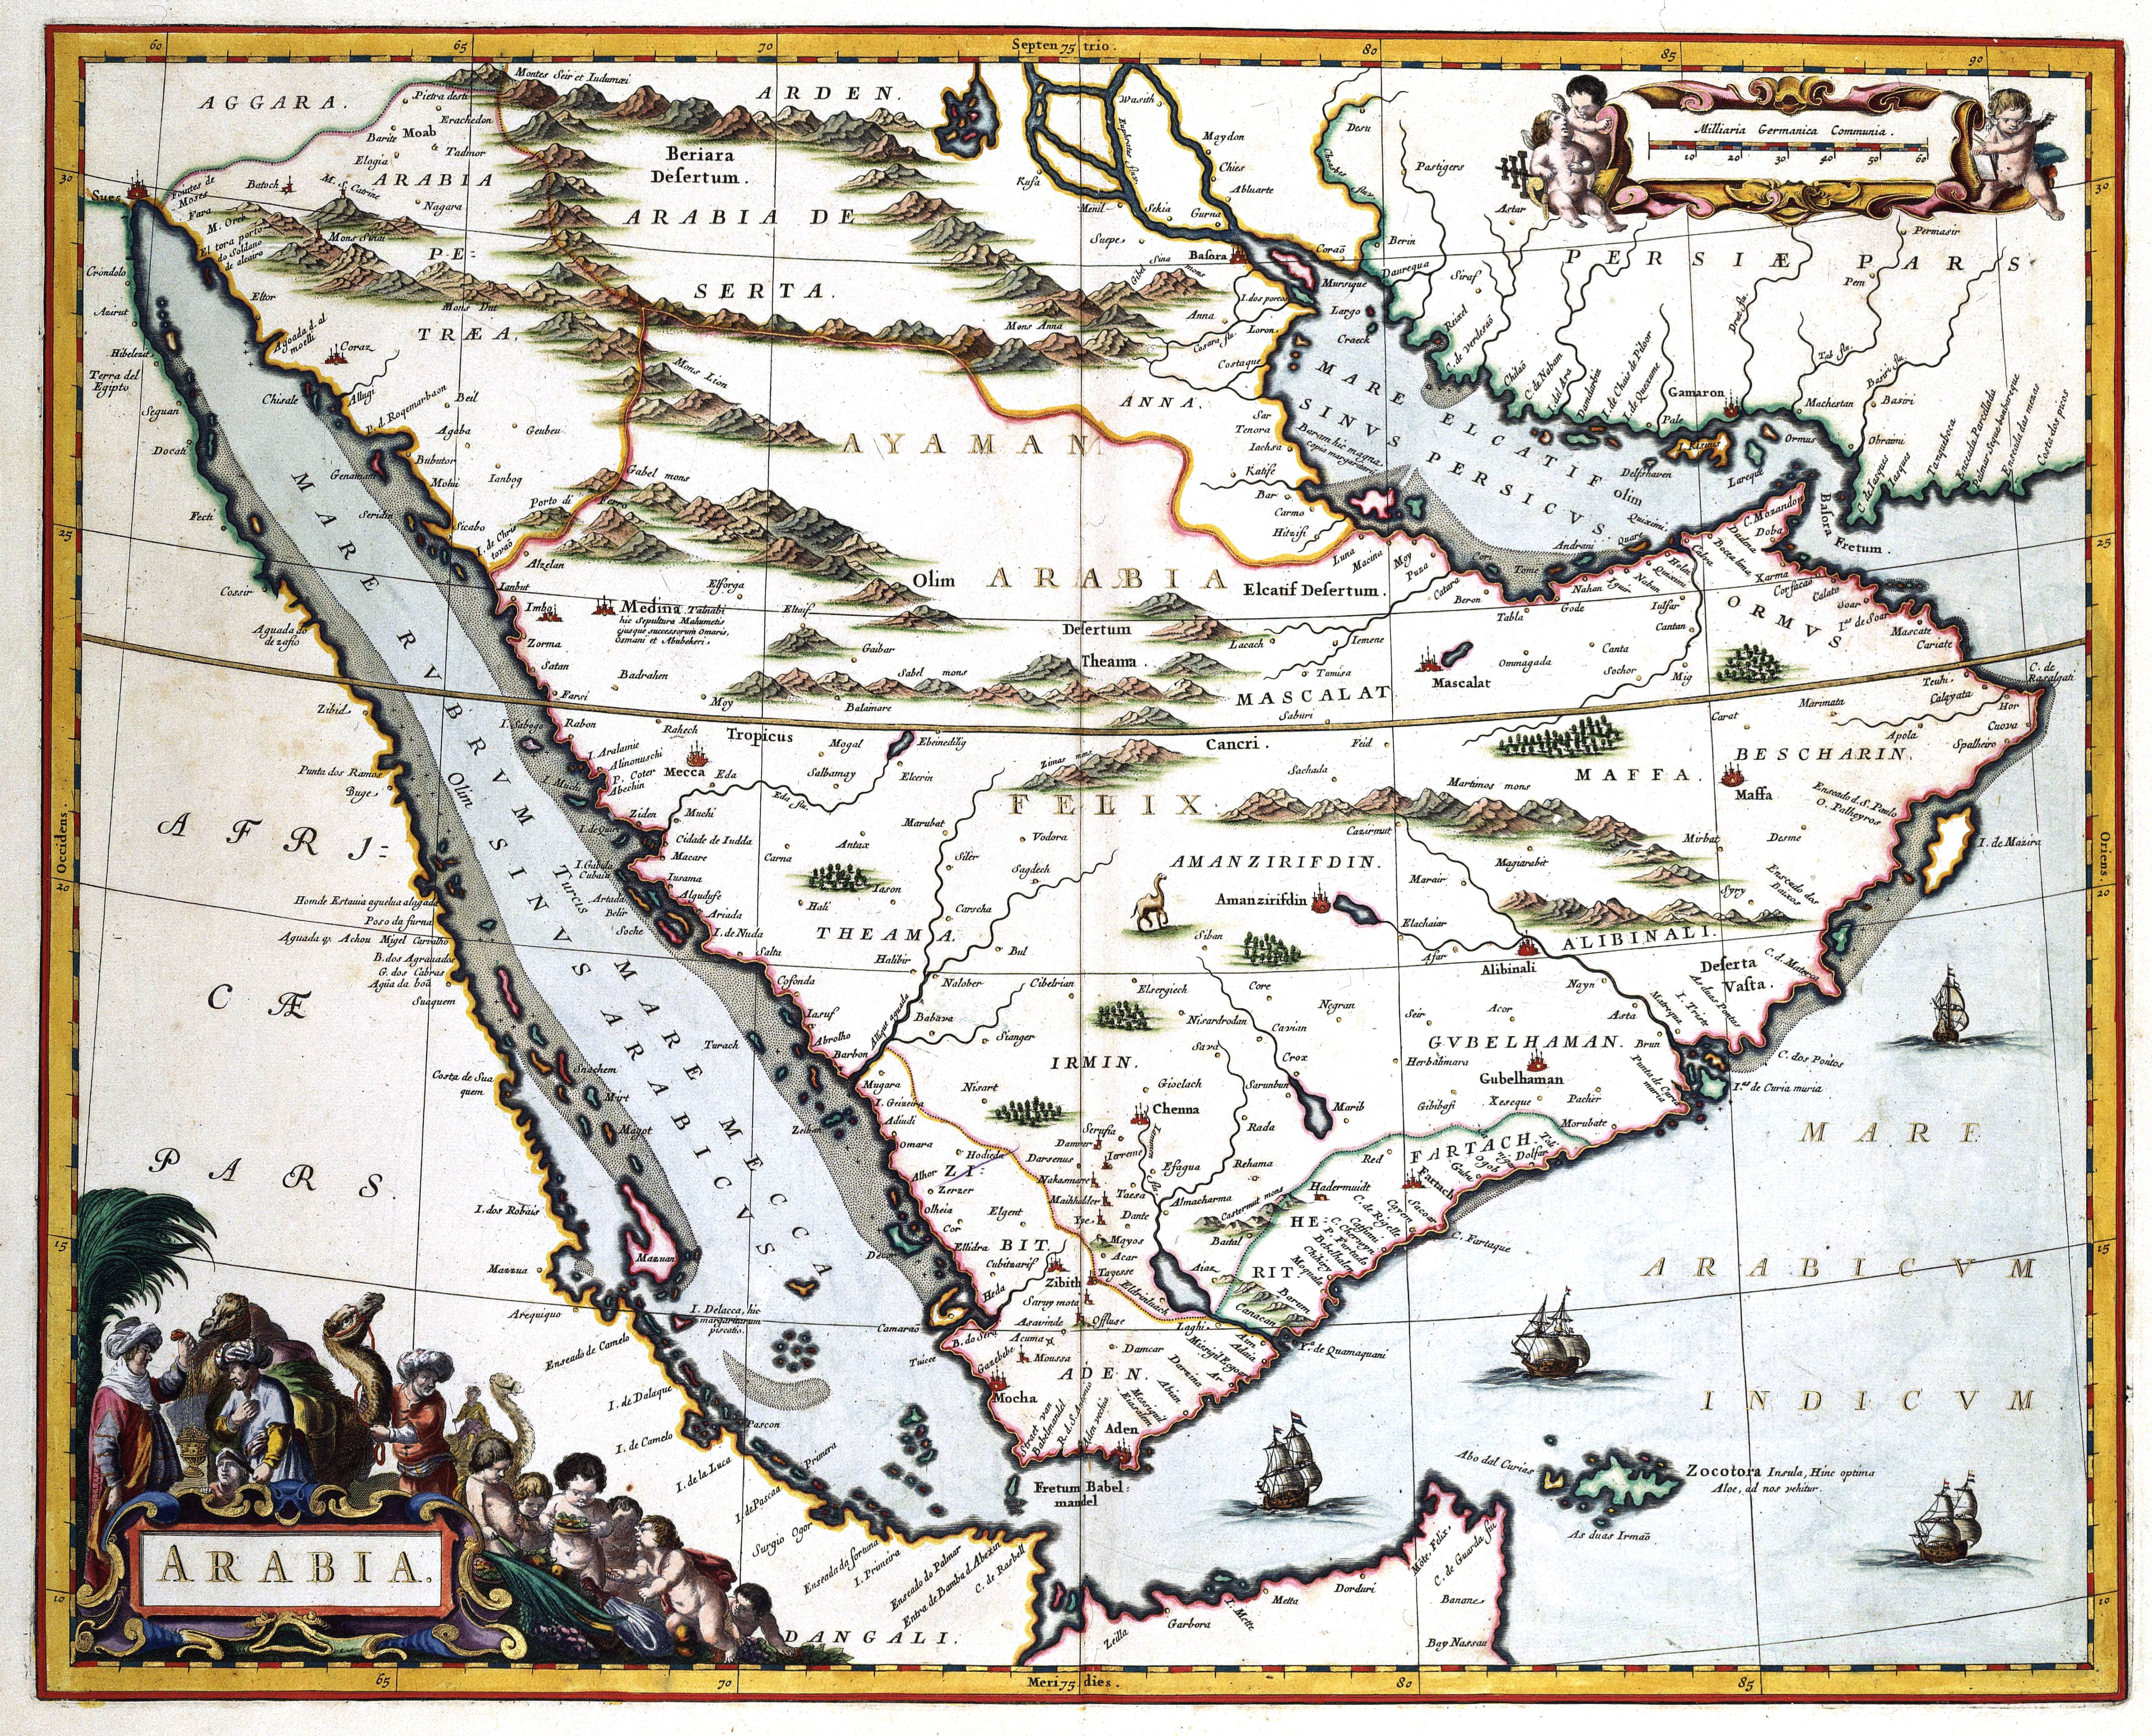 History of Saudi Arabia - Wikipedia